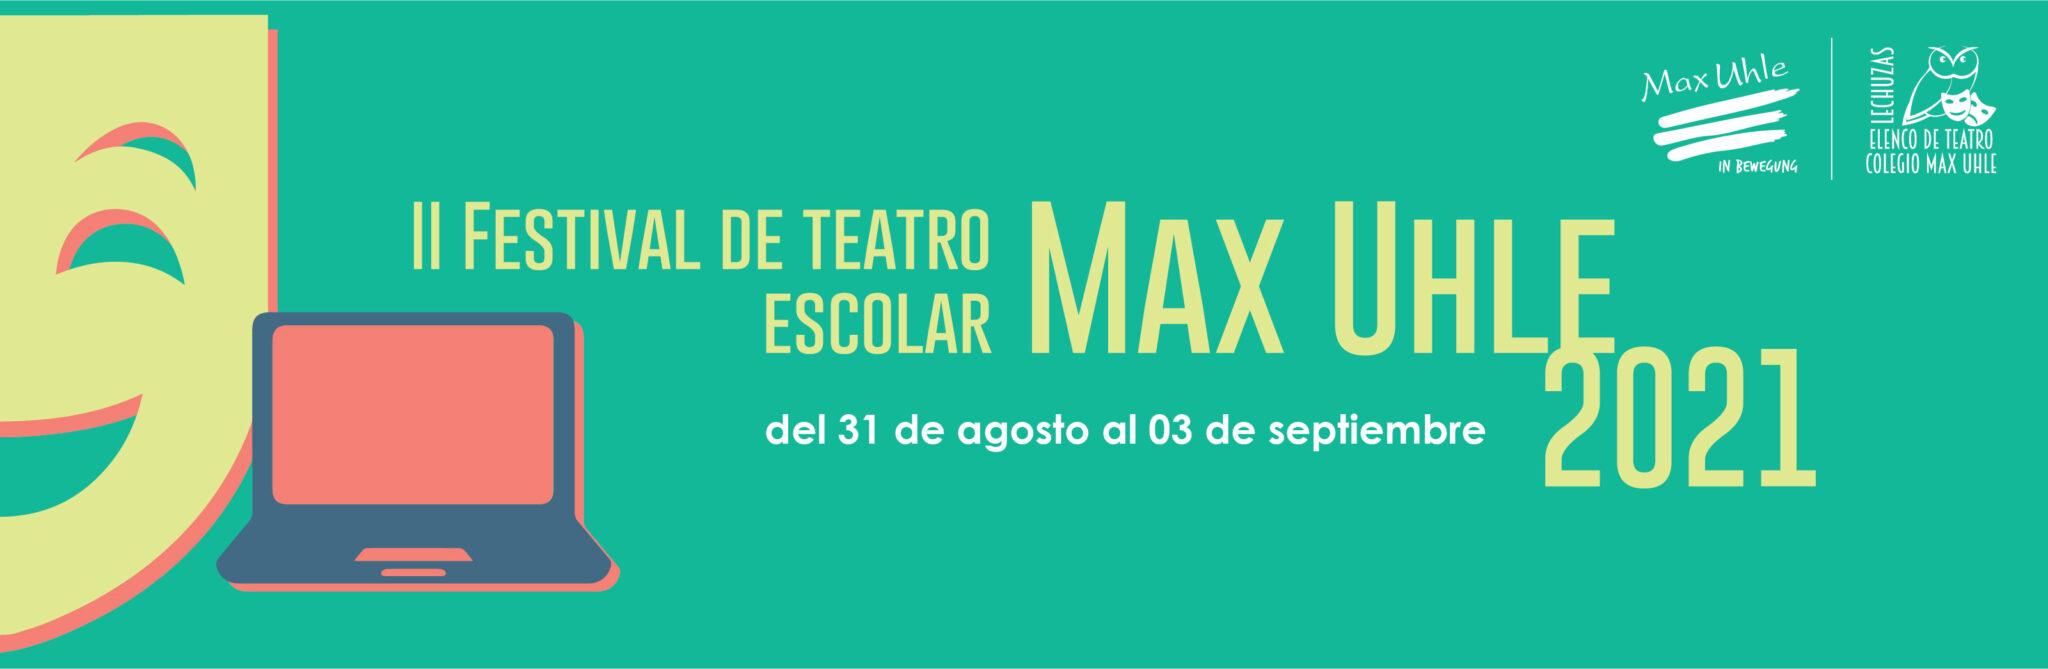 segundo festival de teatro colegio max uhle arequipa